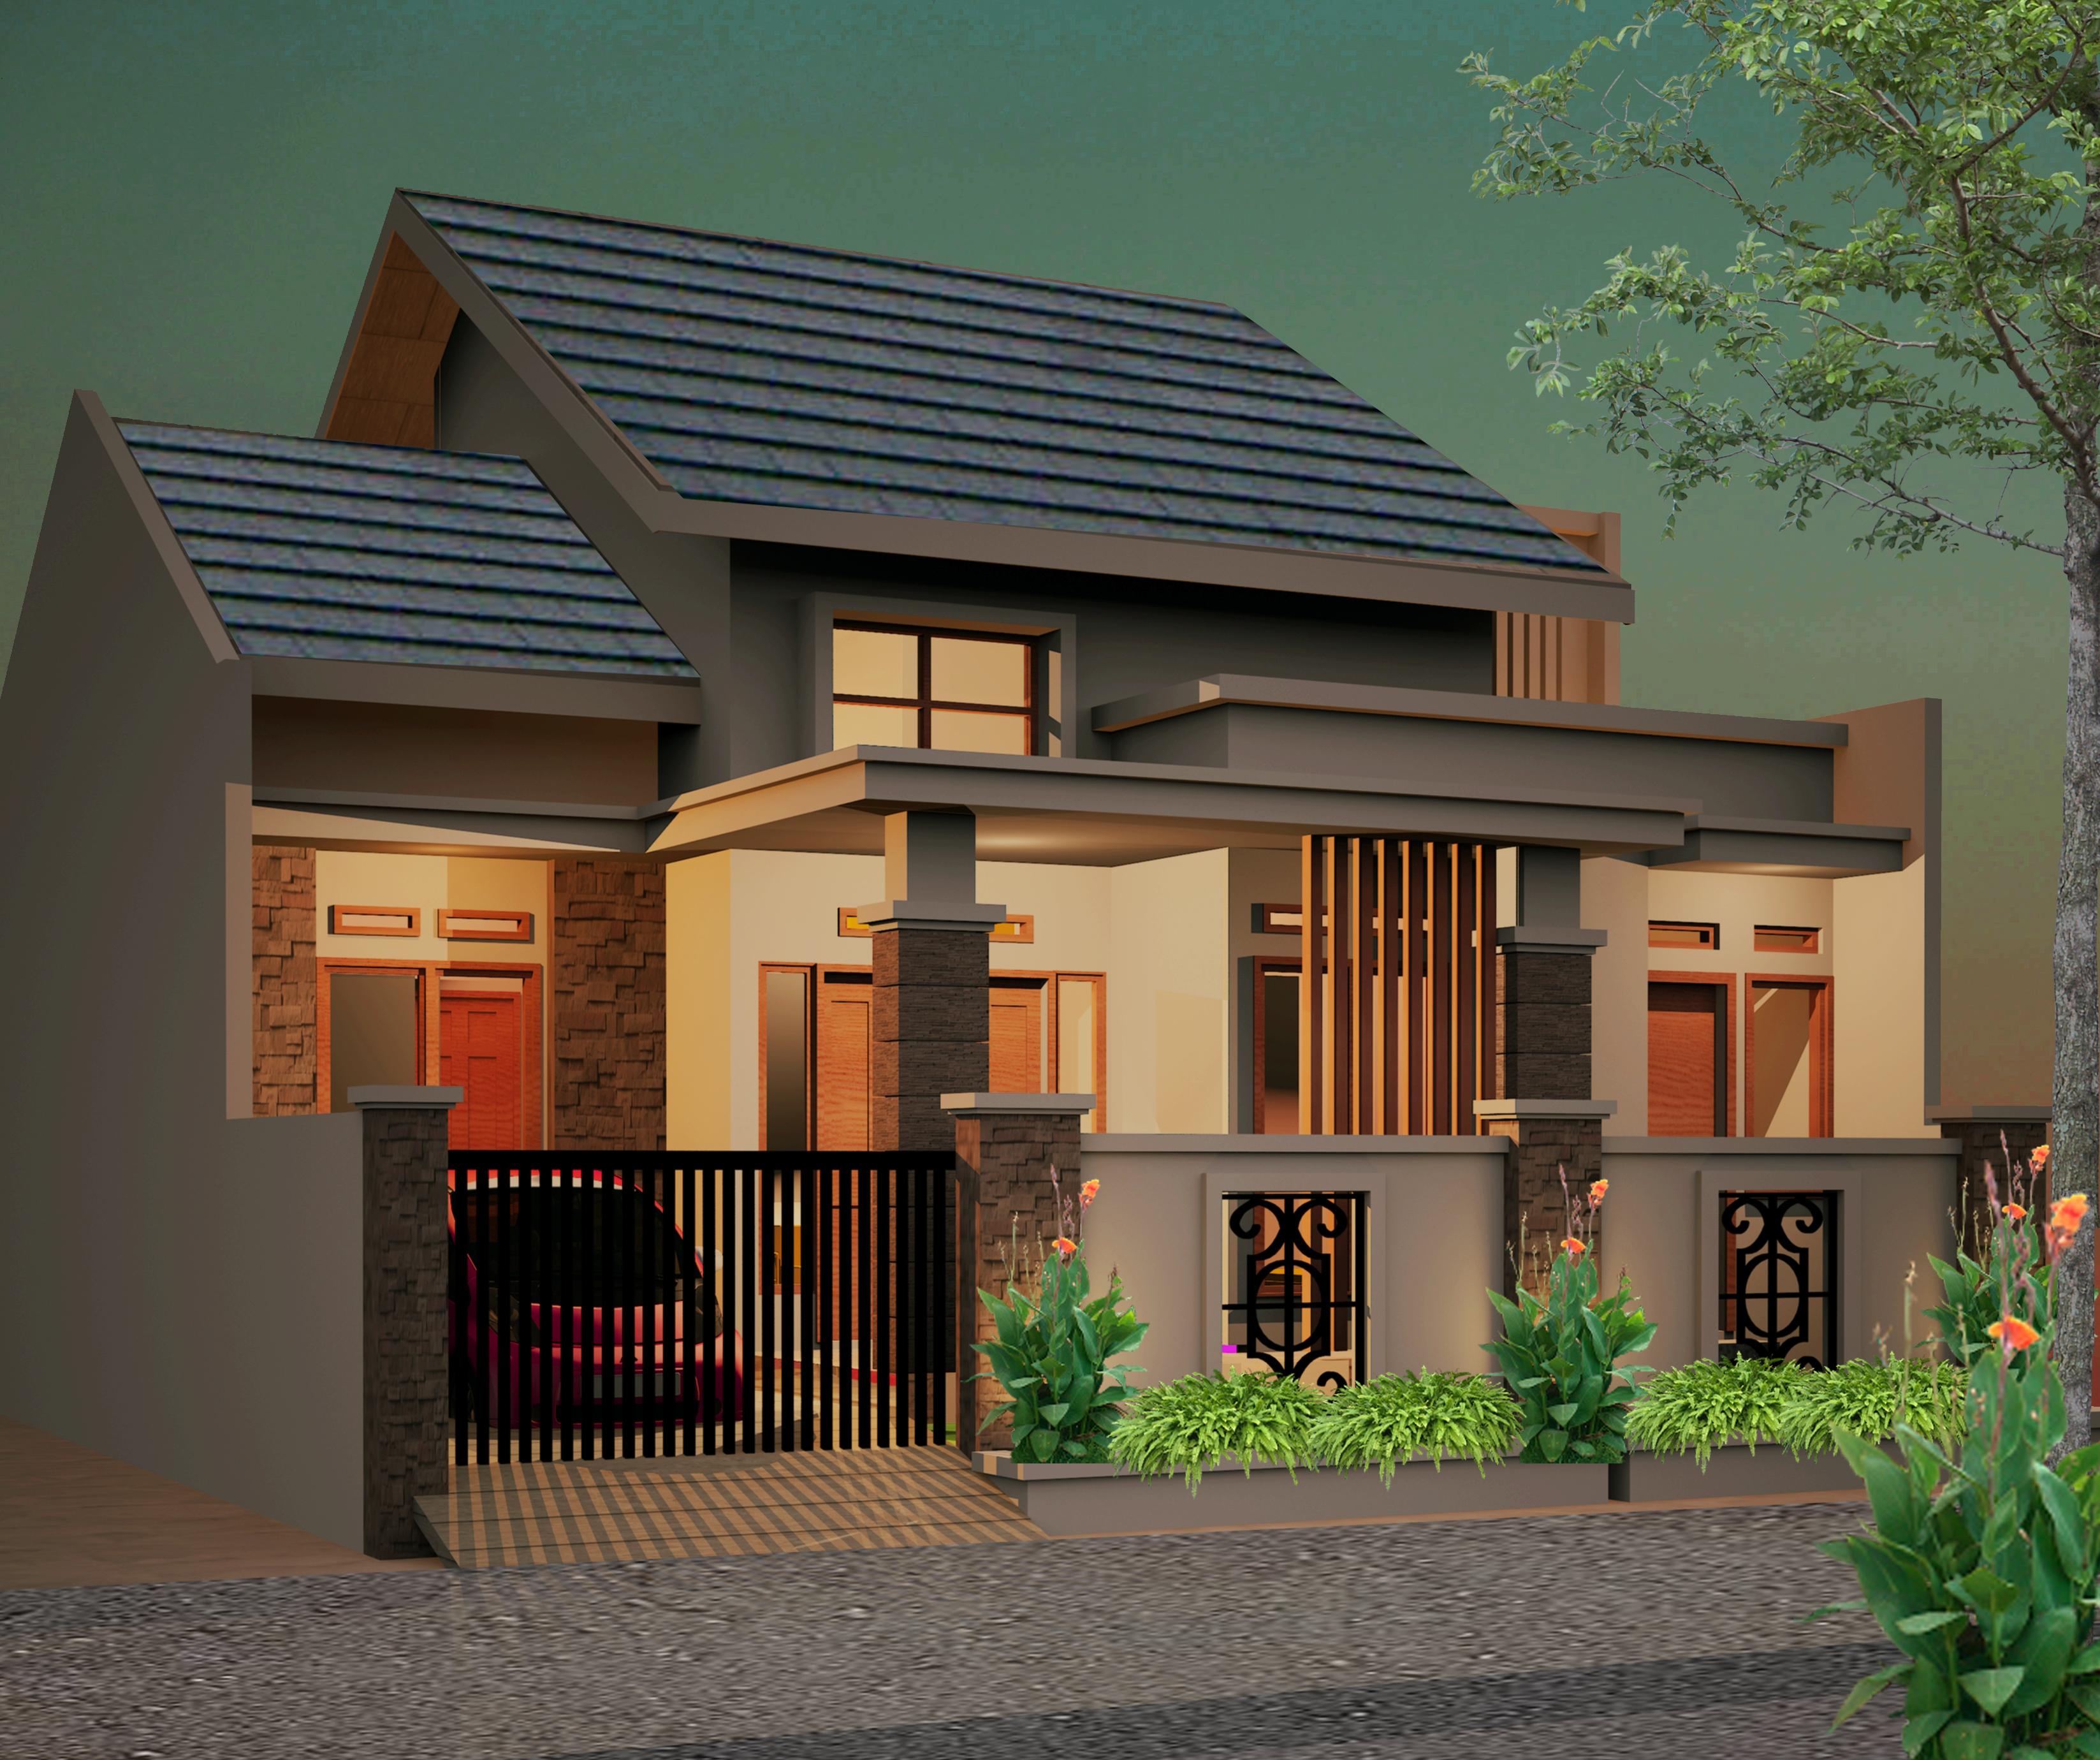 Desain Rumah 10 X 12 Jasa Desain Rumah Online 082122828228